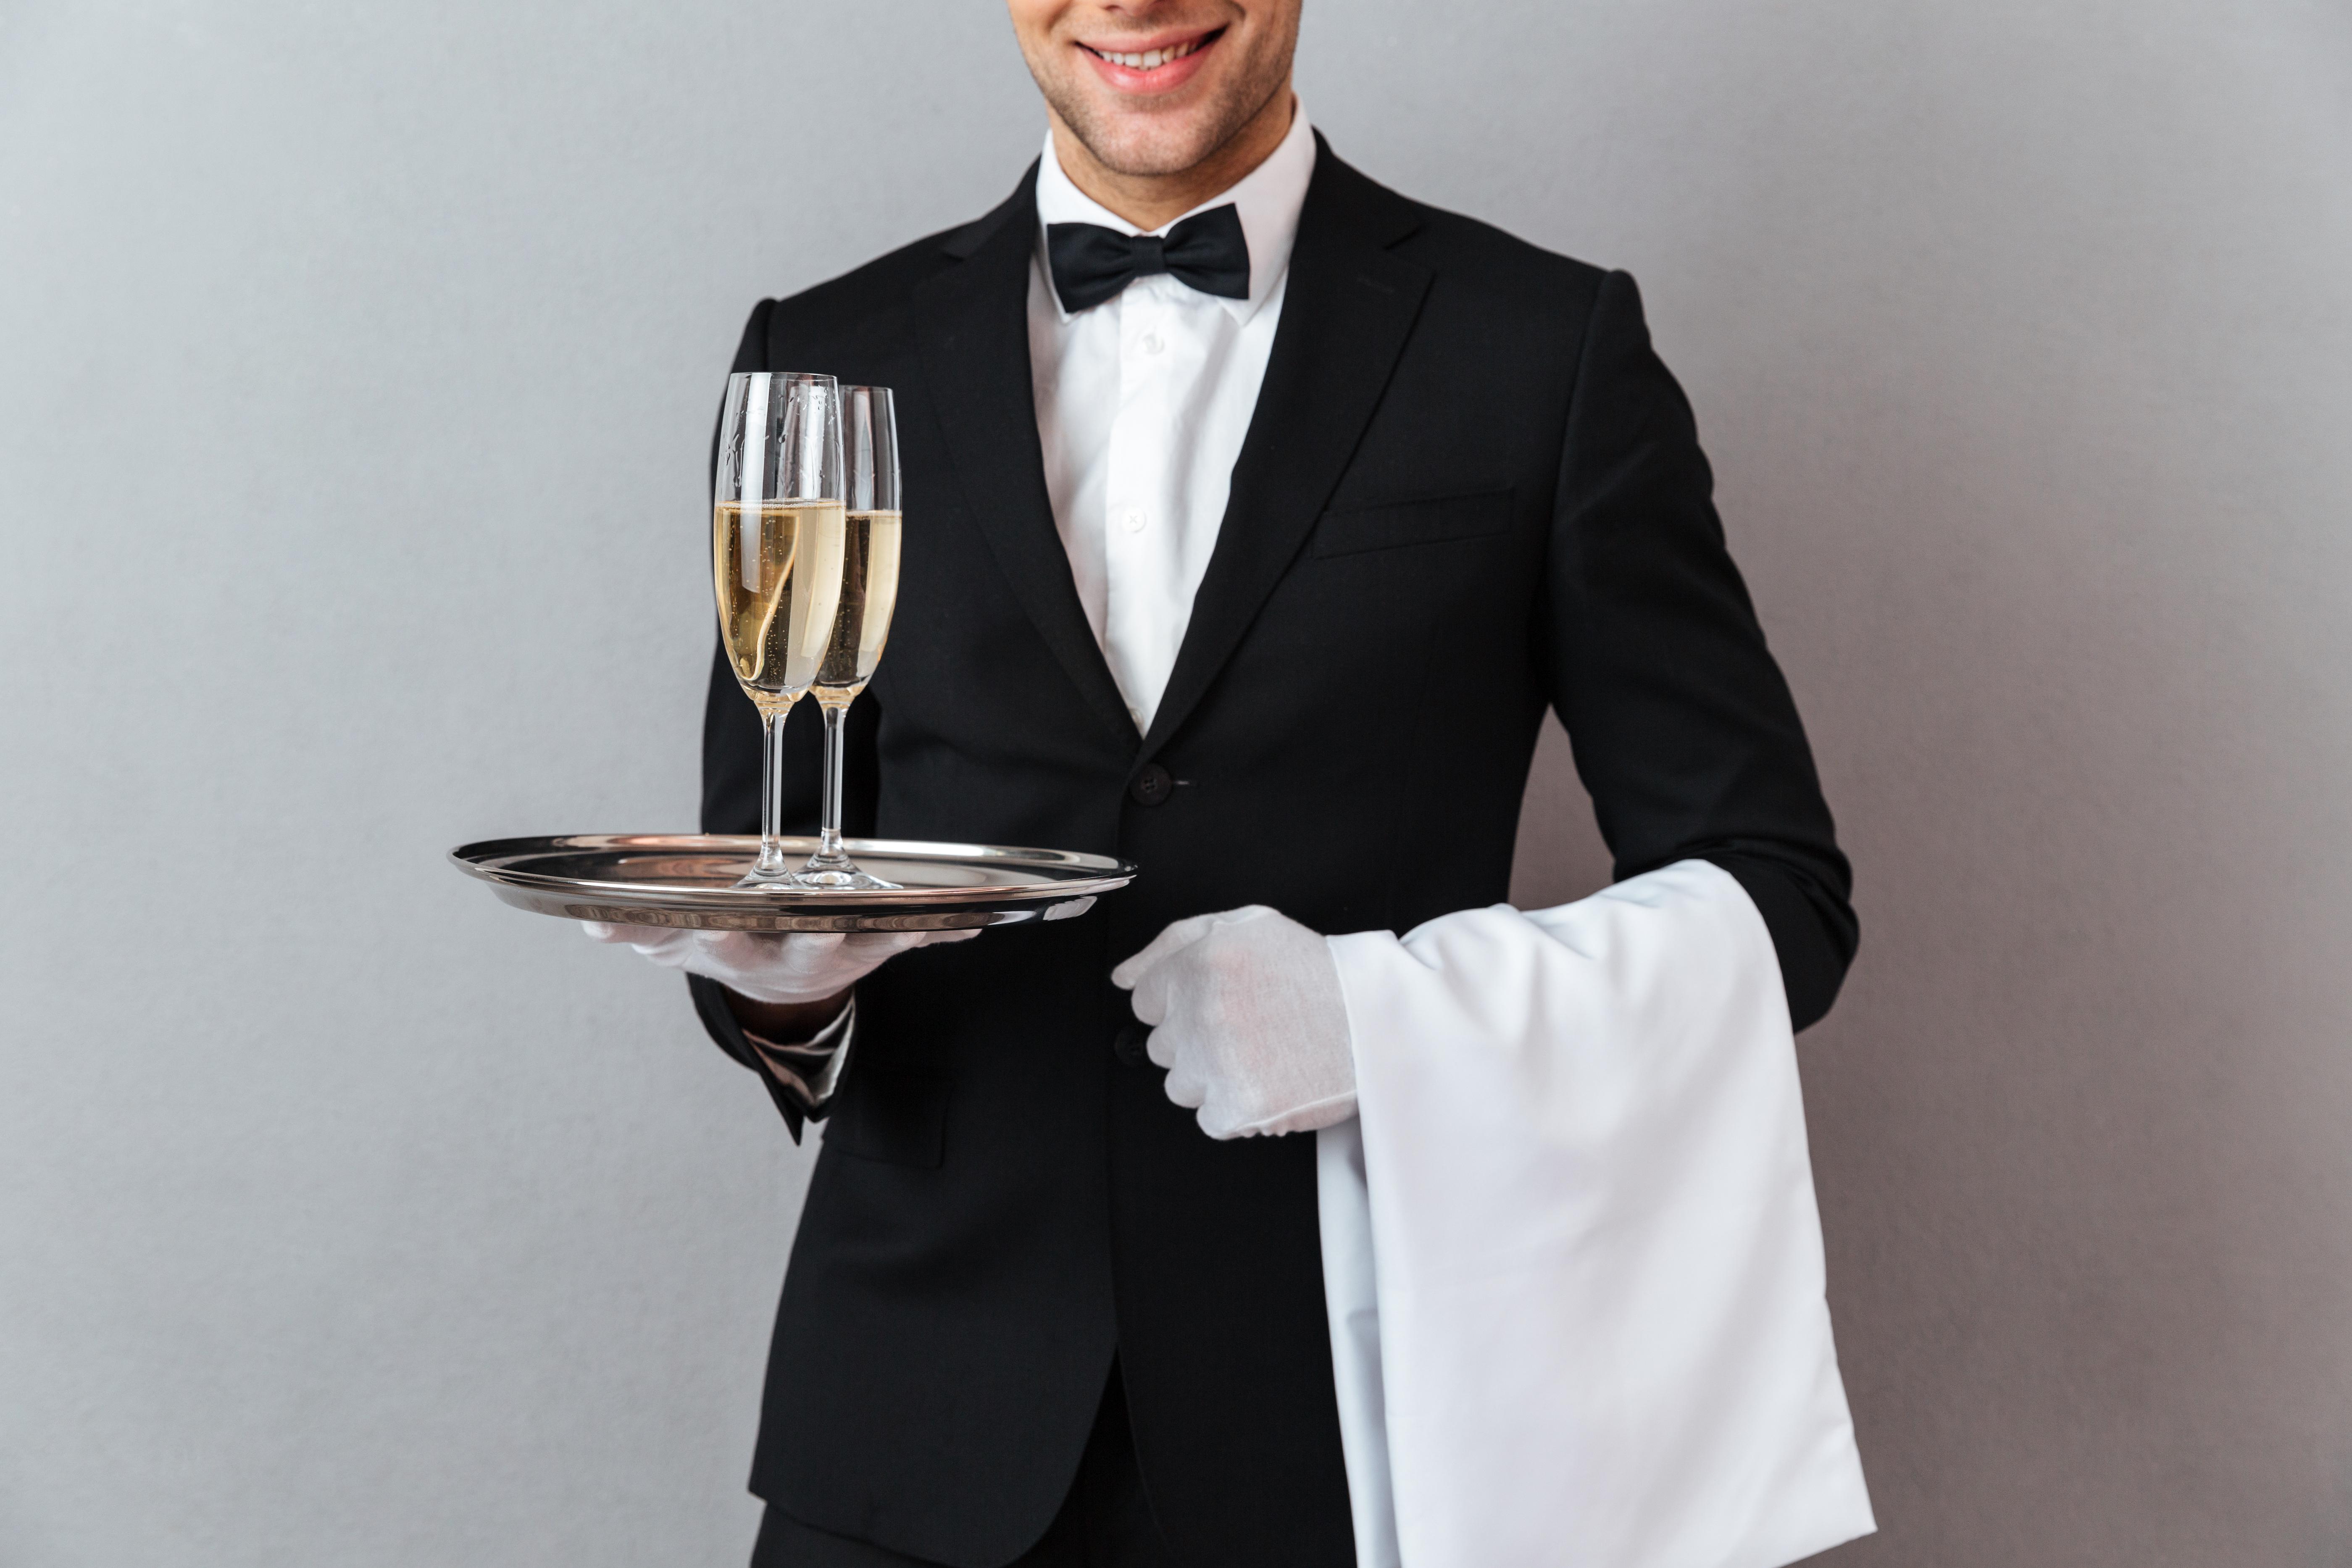 一名餐飲服務員正在派發餐具